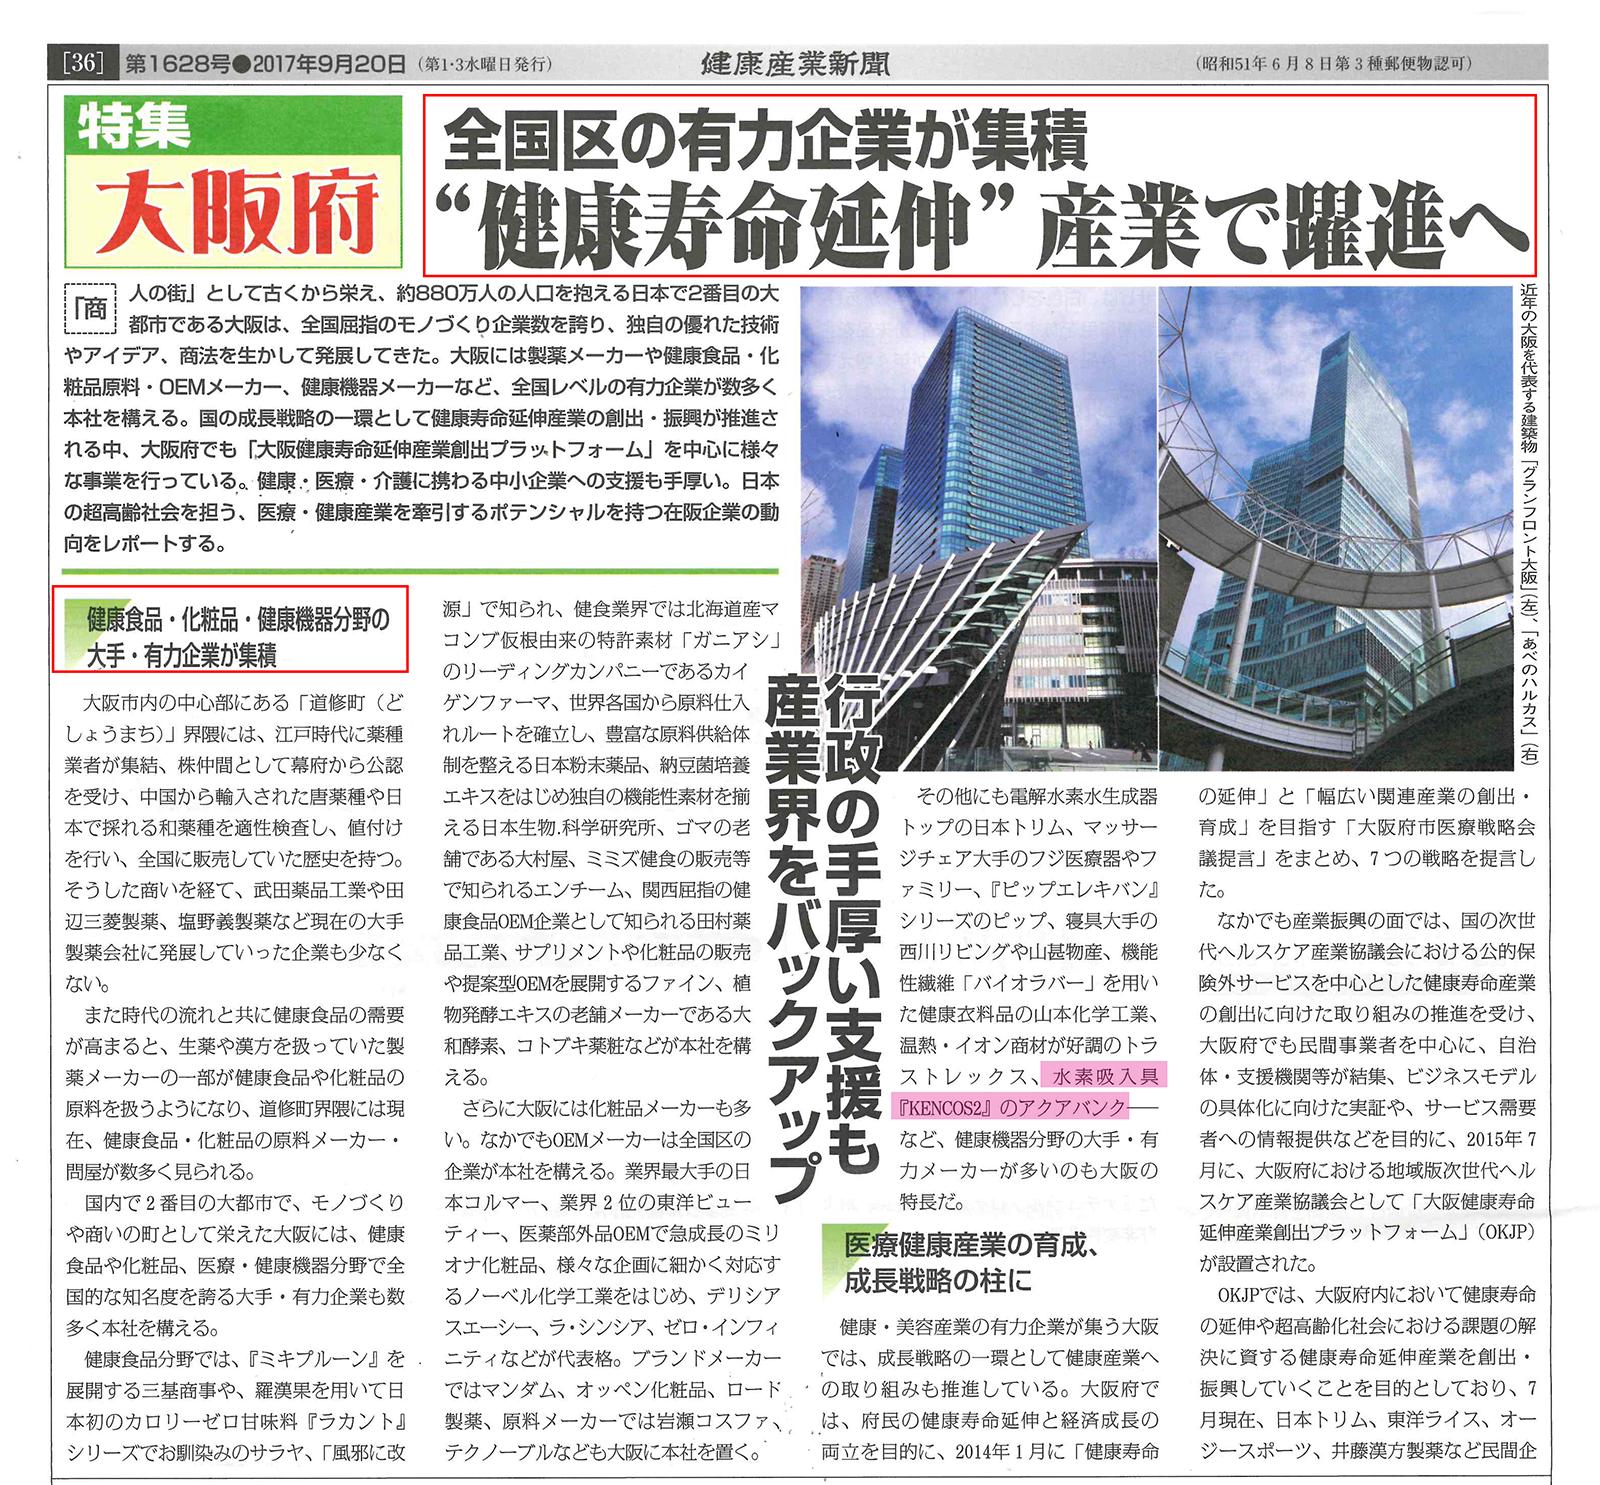 2017年9月20日発行の健康産業新聞